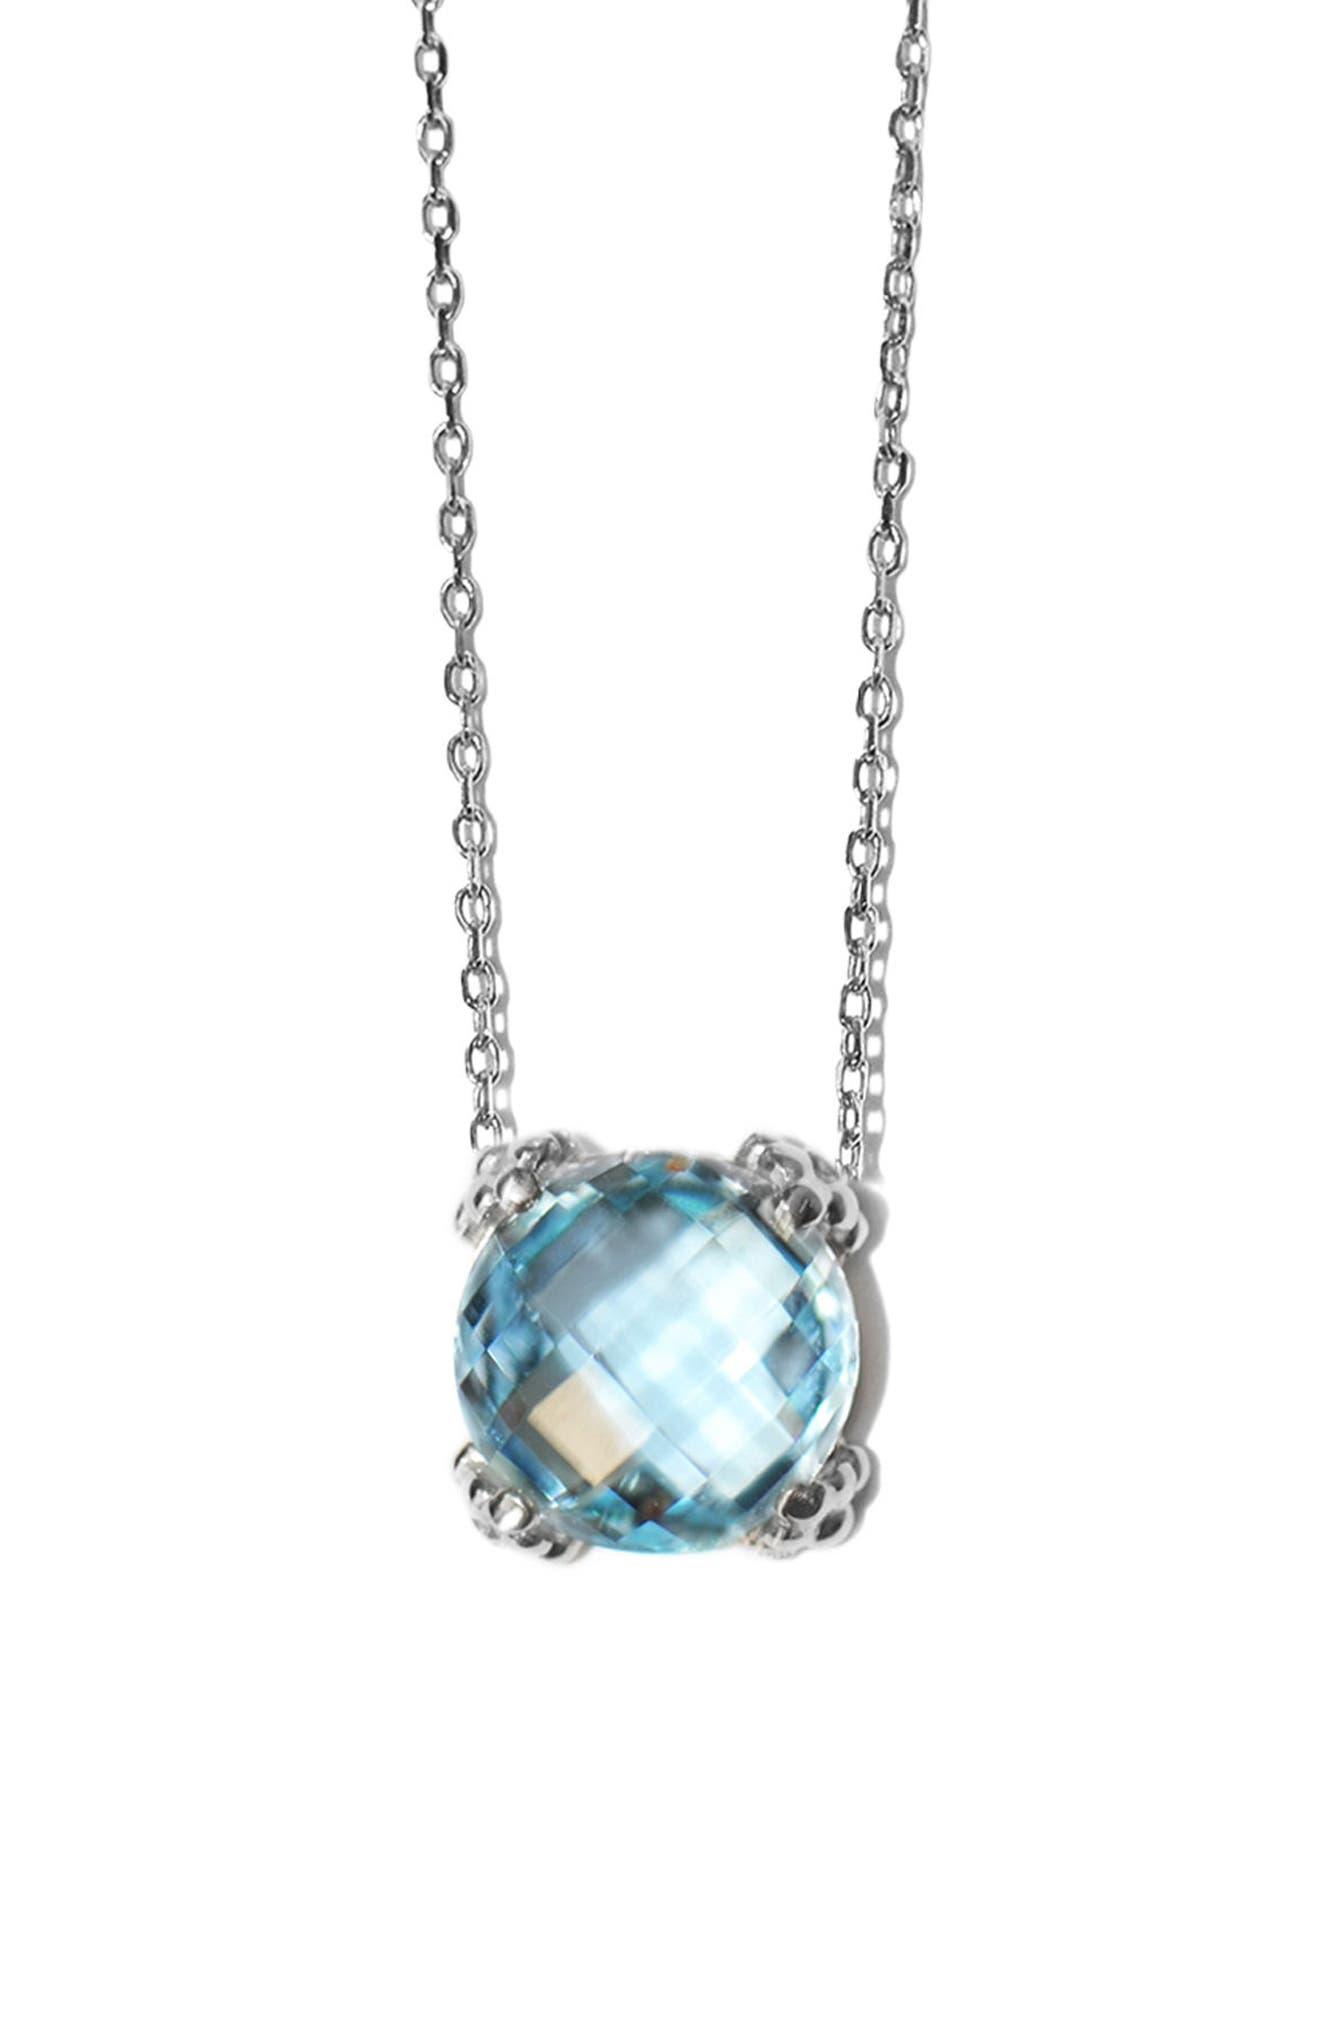 Dew Drop Cluster Topaz Pendant Necklace,                         Main,                         color, BLUE TOPAZ